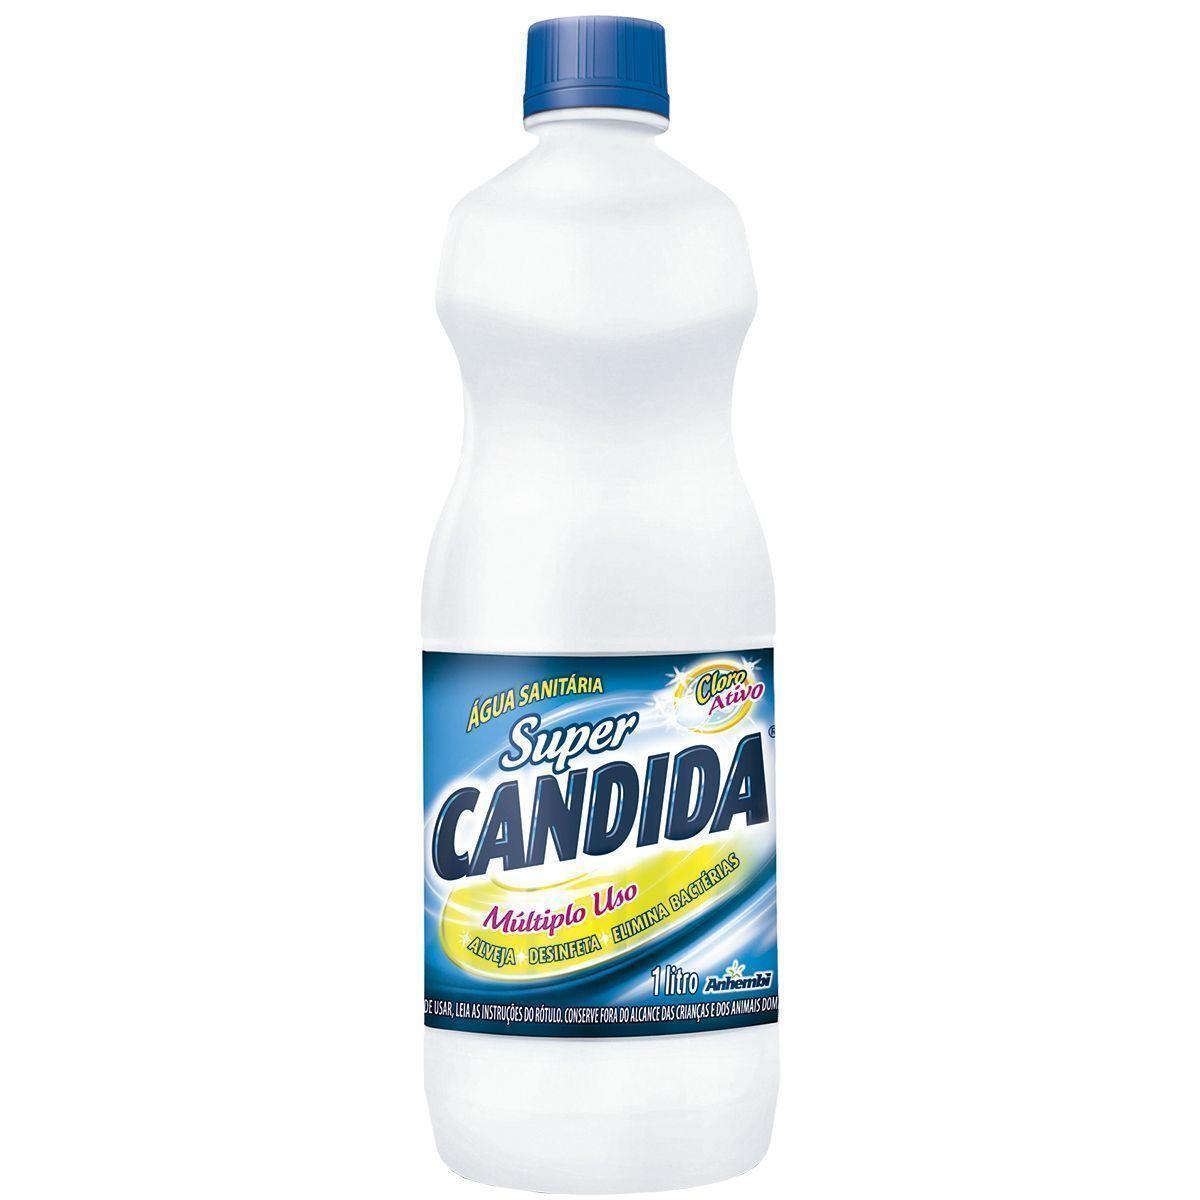 Água Sanitária Super Candida 1 Litro